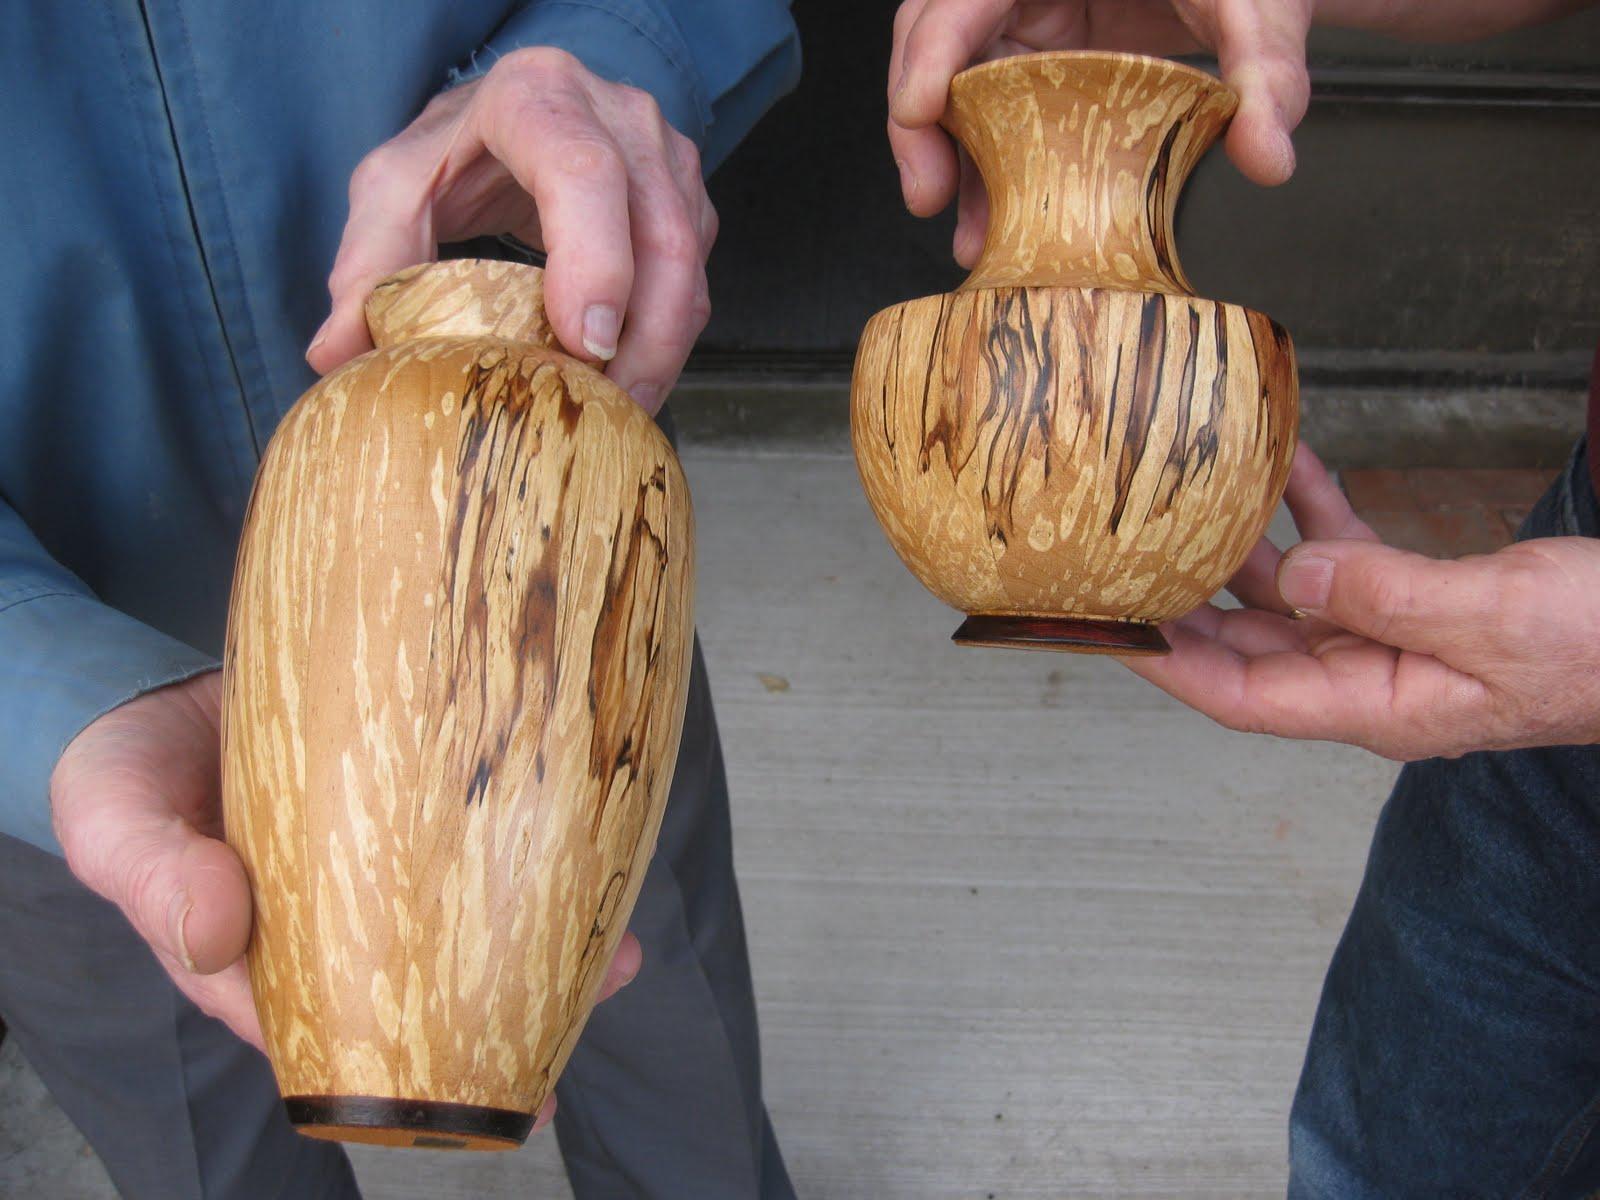 Токарные изделия из дерева своими руками на продажу 67